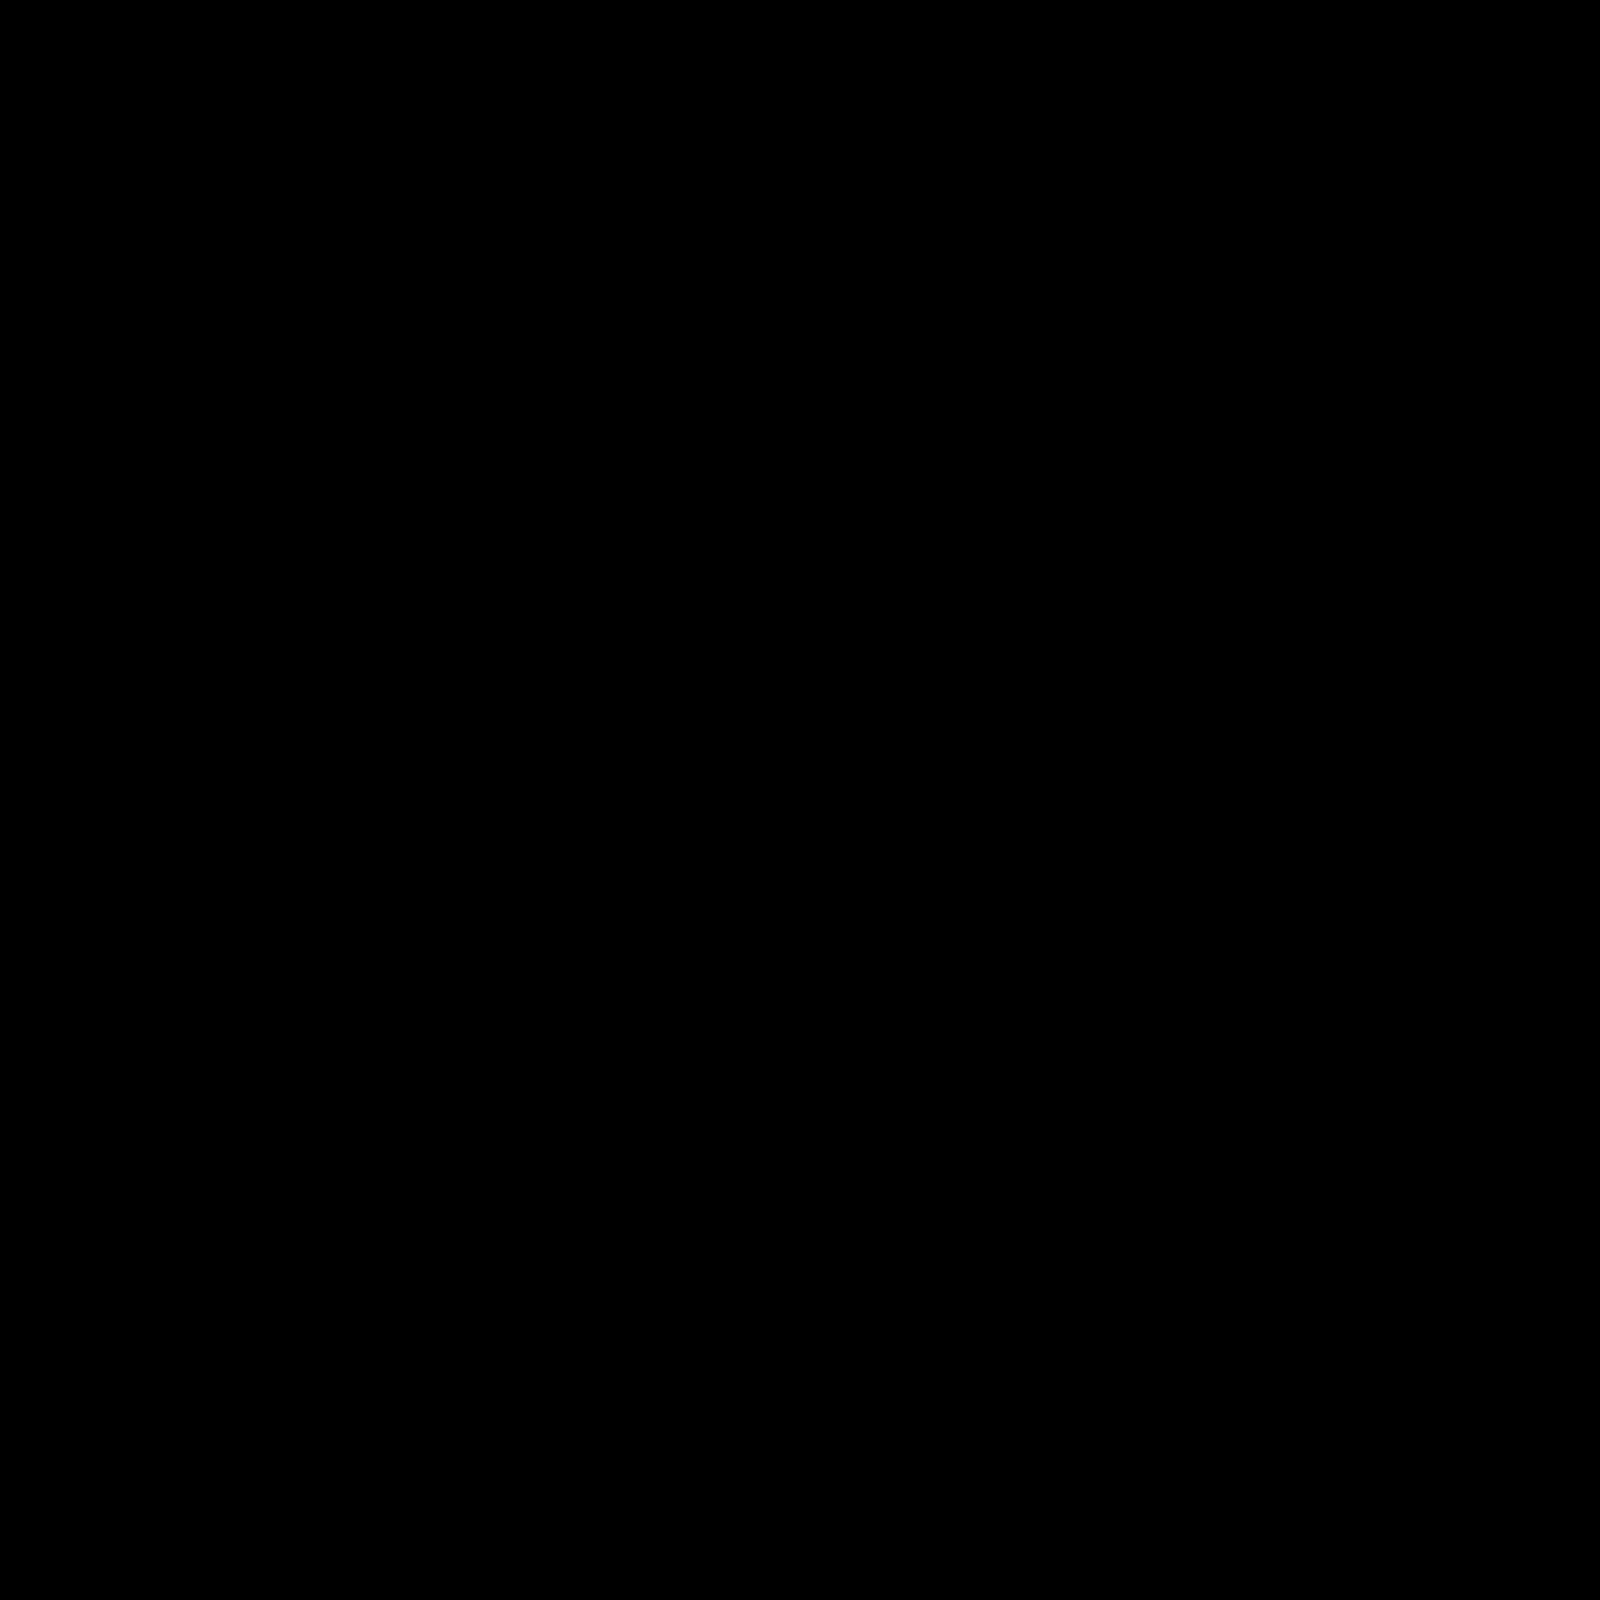 Przypisanie Powrót icon